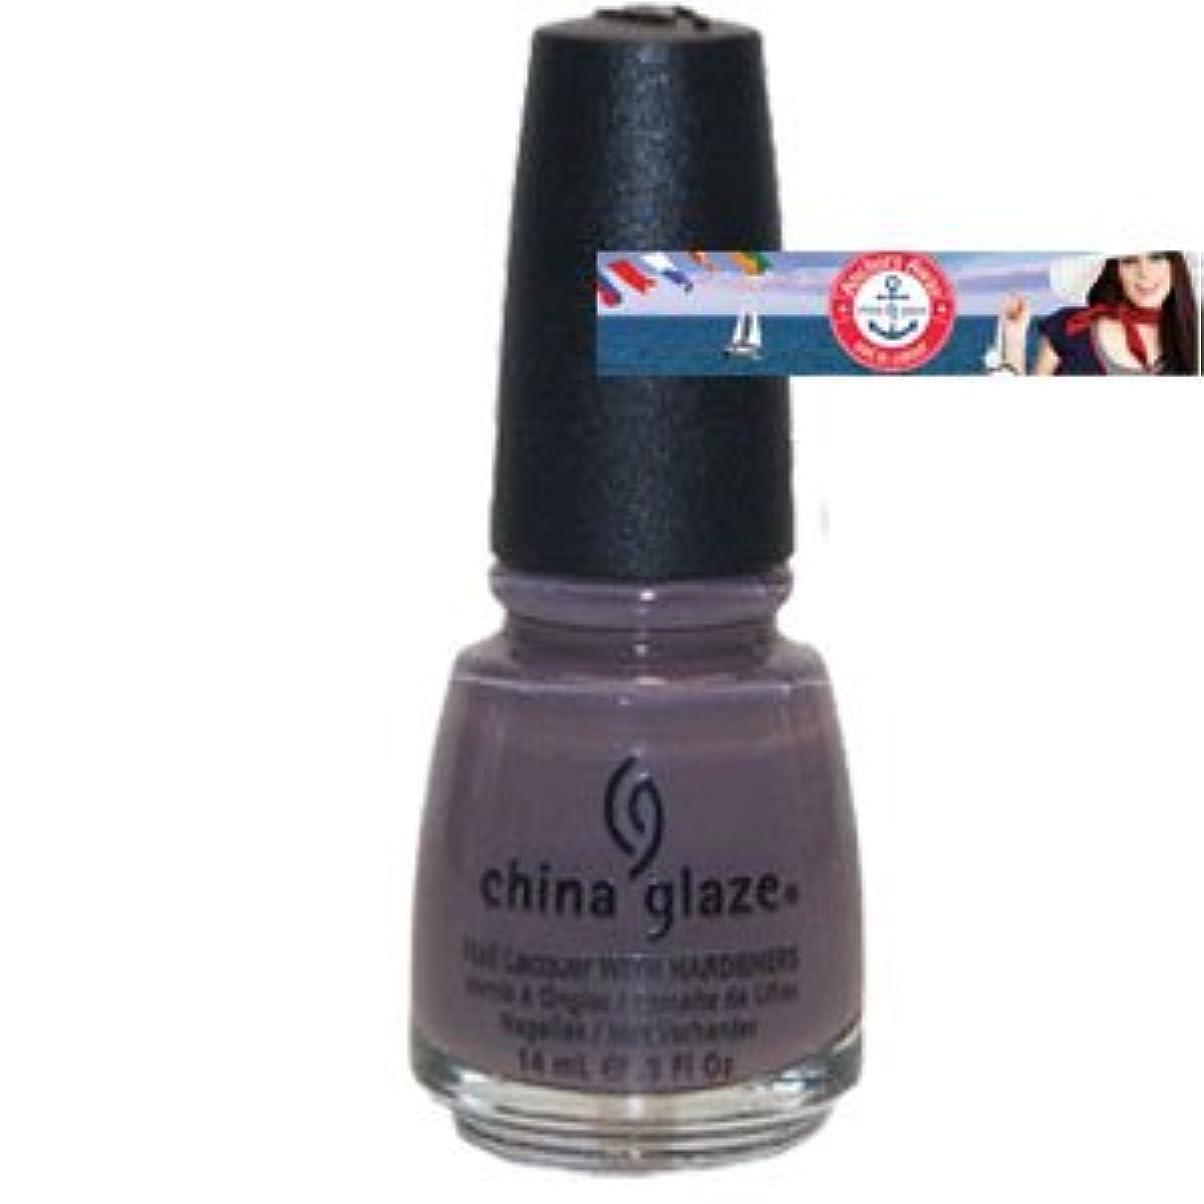 アクセス農奴絶滅した(チャイナグレイズ)China Glaze Anchors Away Collection?Below Deck [海外直送品][並行輸入品]